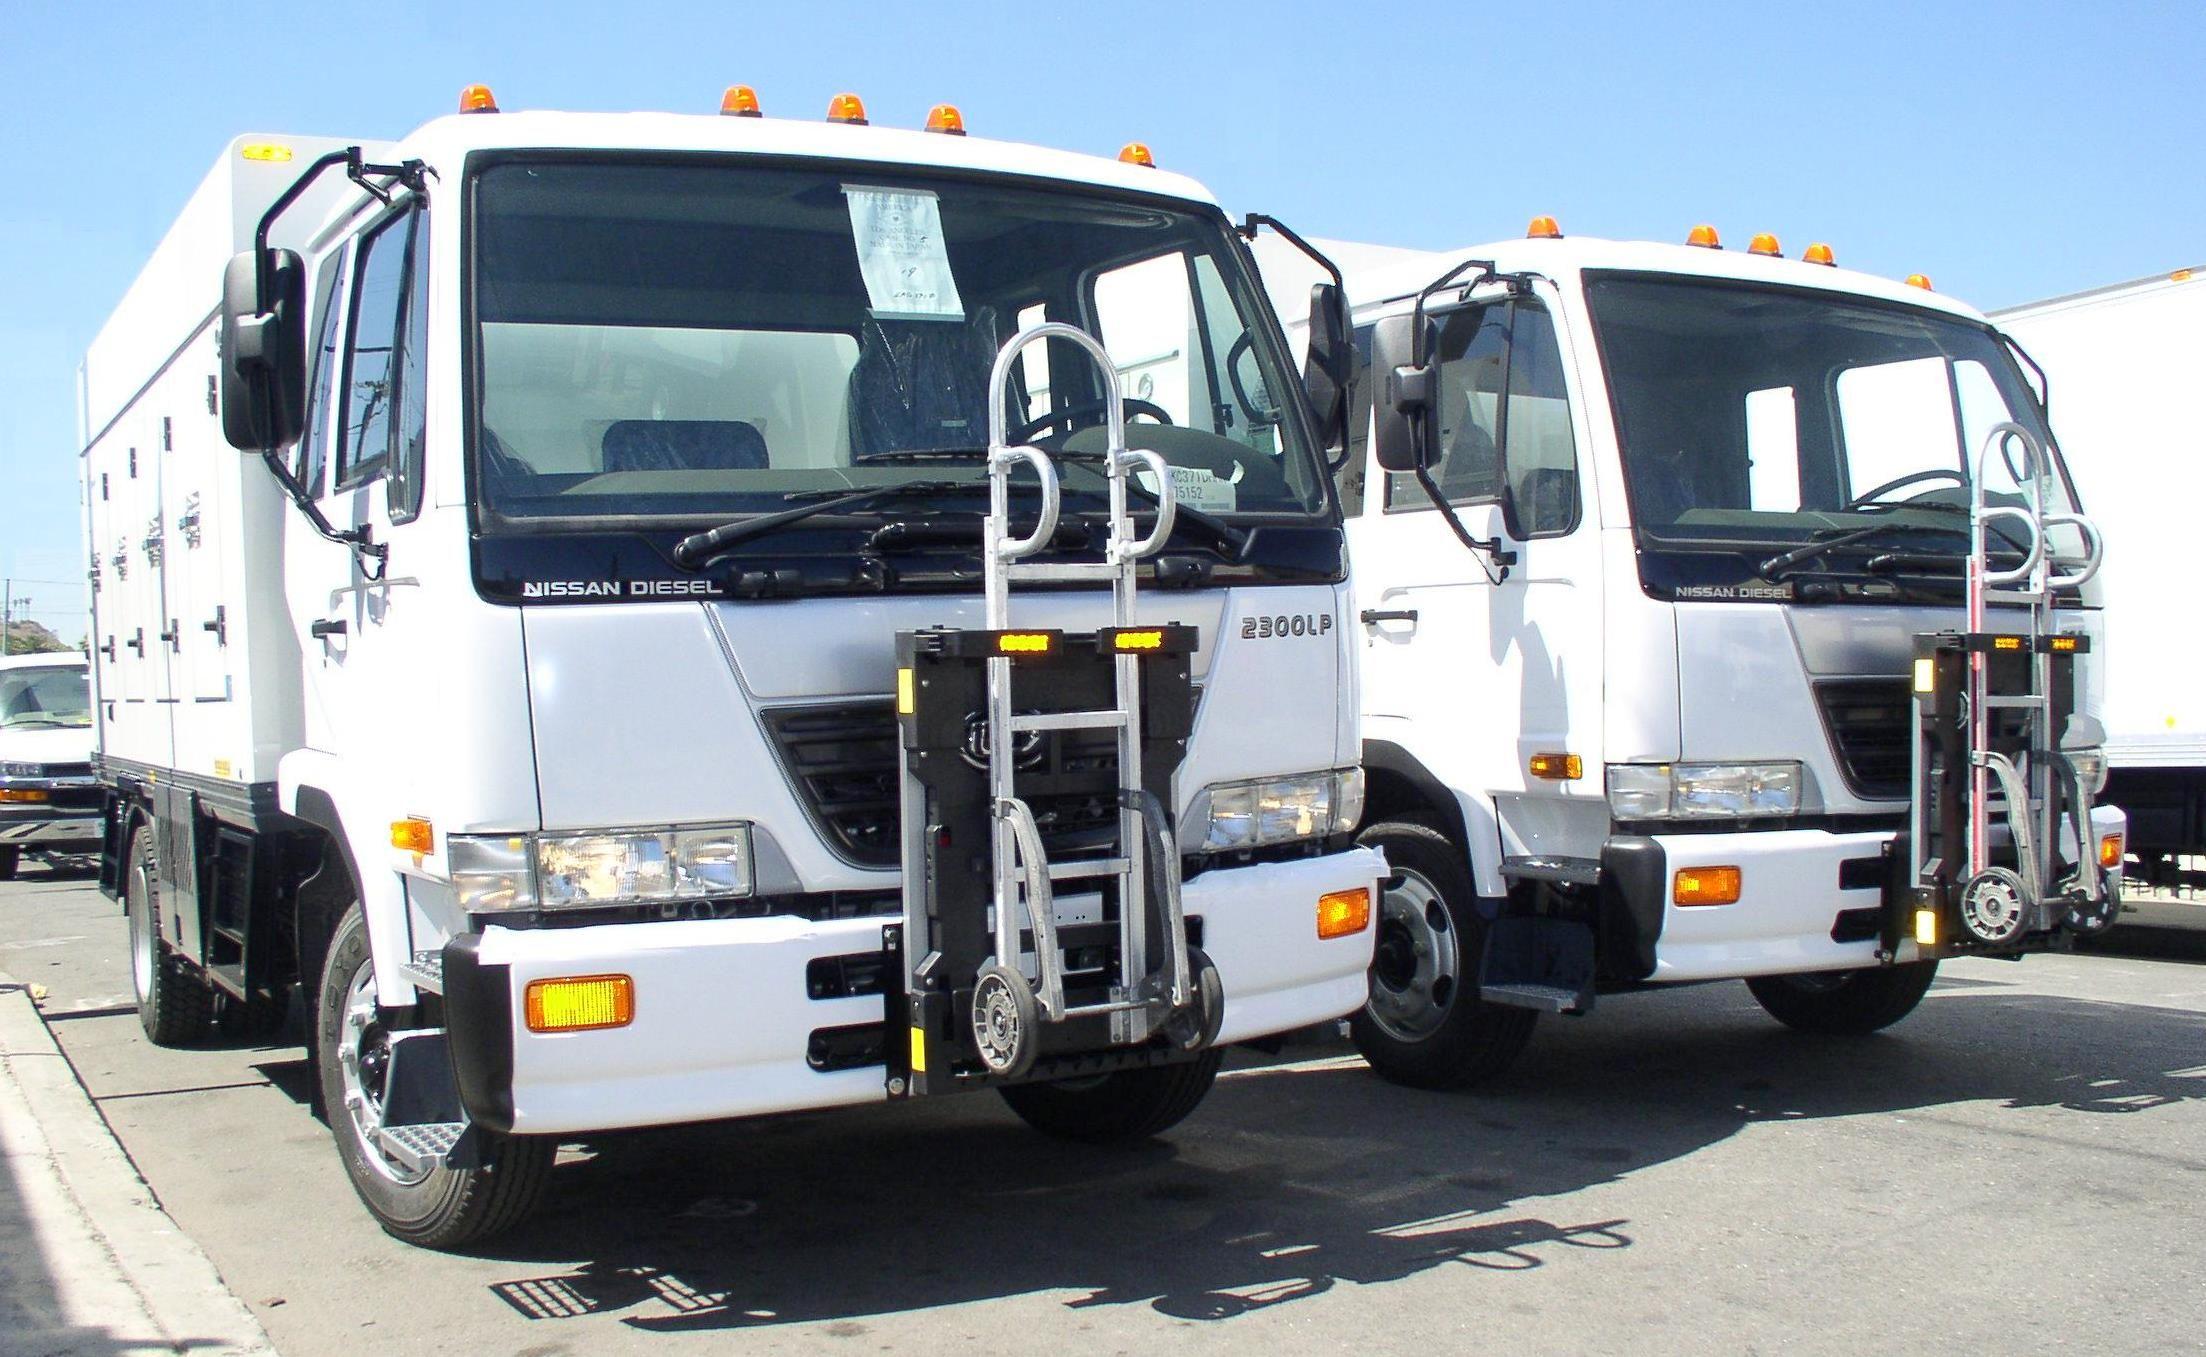 Hts 10t Nissan 2300lp In 2020 Trucks Truck Transport Hand Trucks